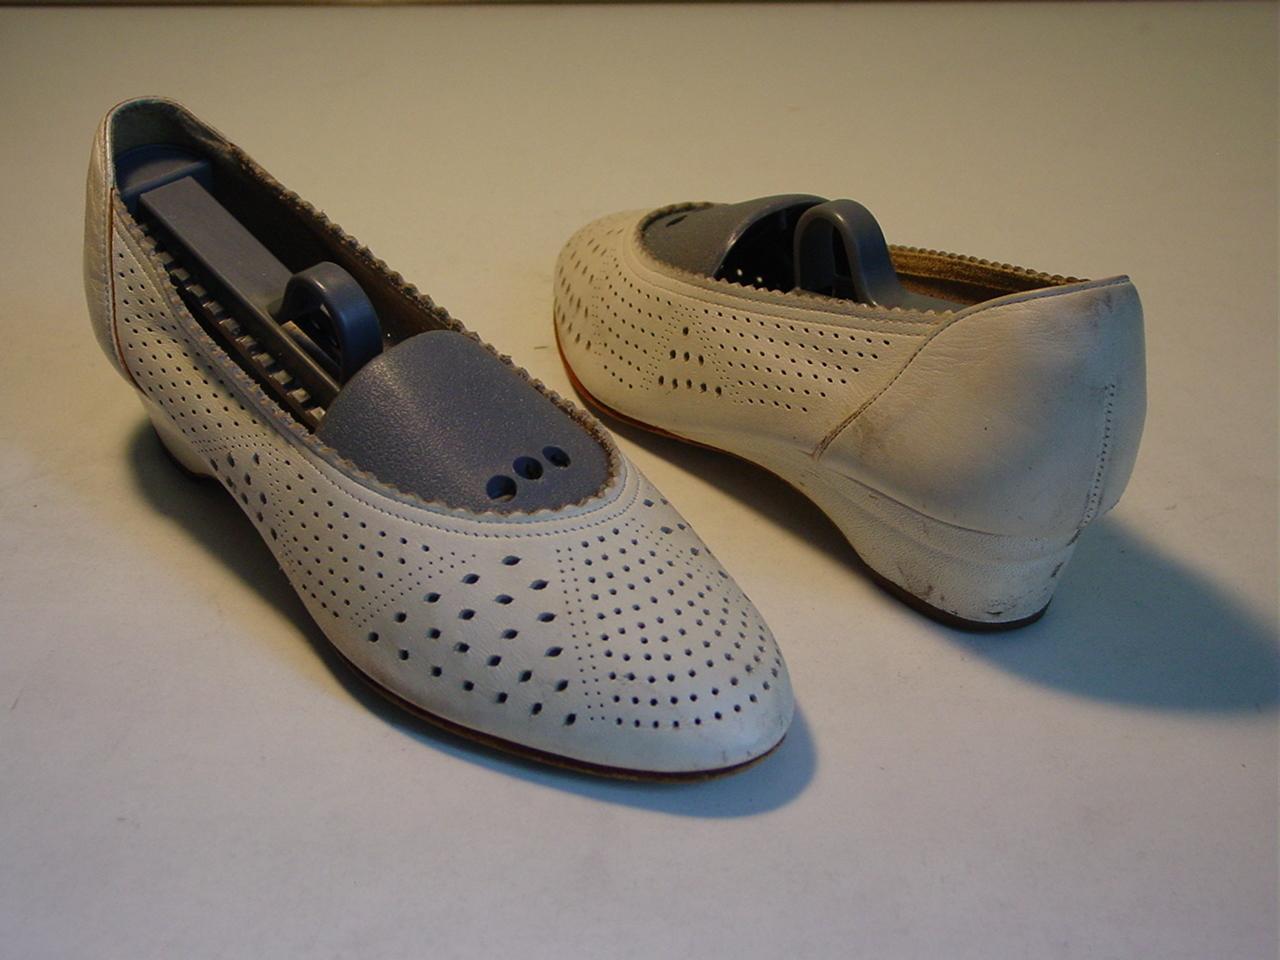 Vintage Designer White Bridal Ballerina Leather Shoes